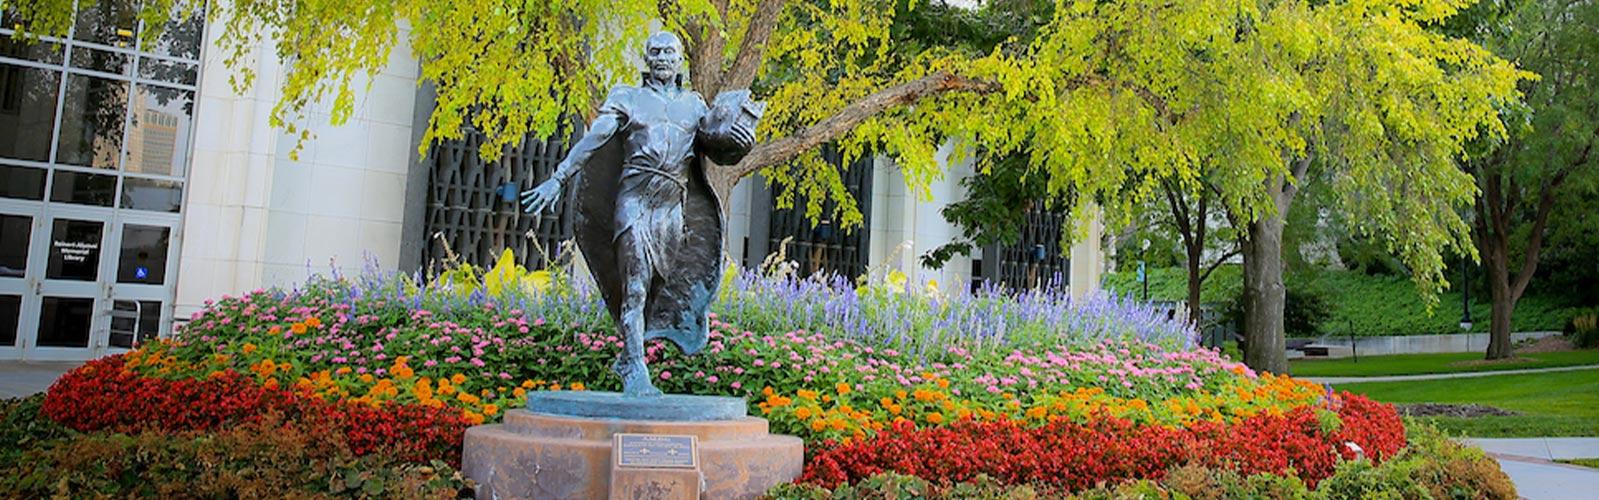 Statue of St. Ignatius on the Creighton Campus